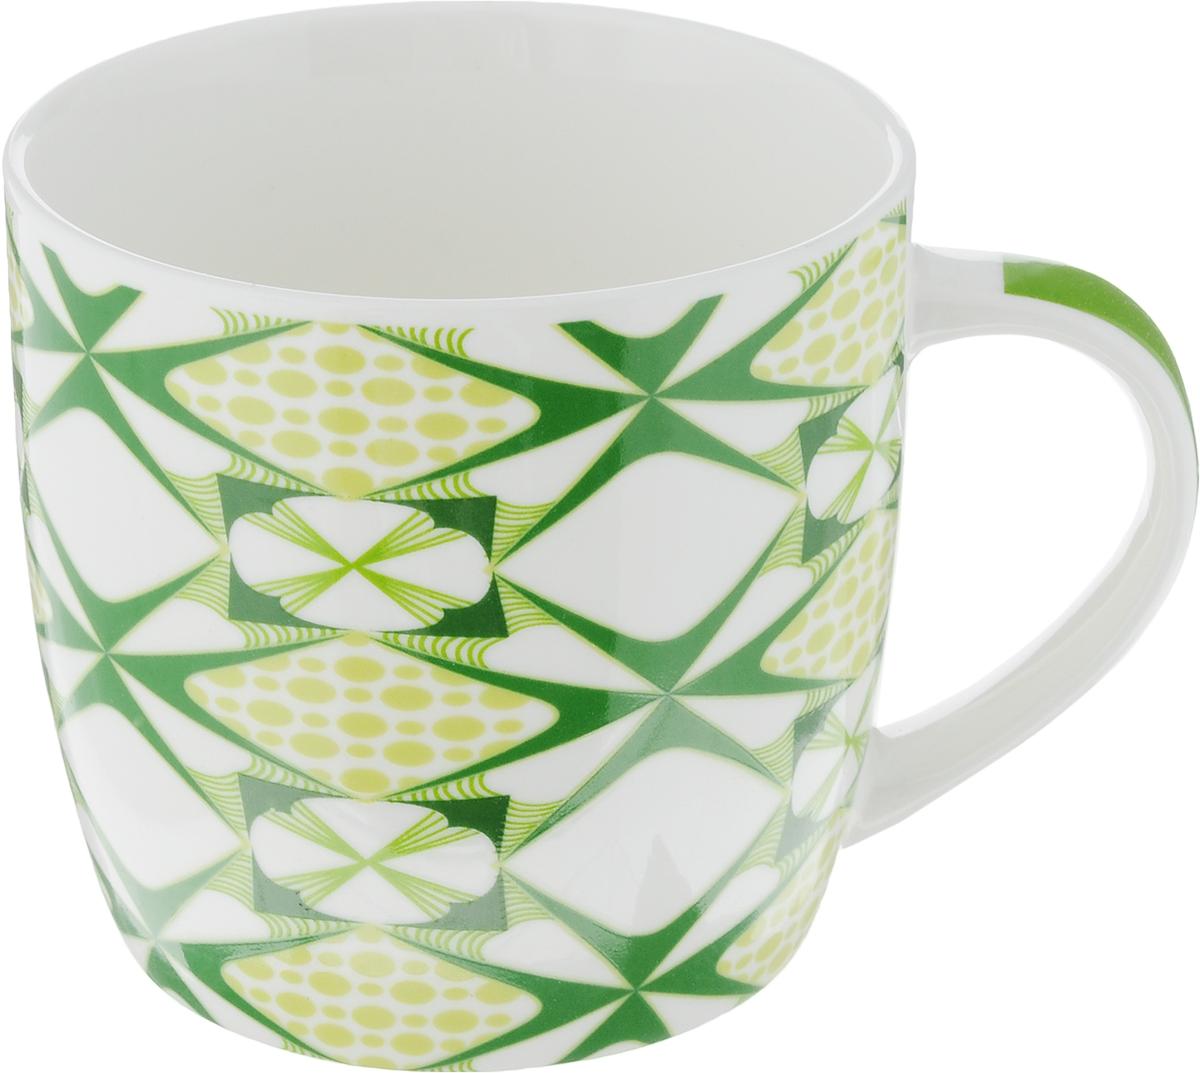 Кружка Loraine, цвет: белый, зеленый, салатовый, 320 мл. 2447324473Кружка Loraine изготовлена из прочного качественного костяного фарфора. Изделие оформлено красочным рисунком. Благодаря своим термостатическим свойствам, изделие отлично сохраняет температуру содержимого - морозной зимой кружка будет согревать вас горячим чаем, а знойным летом, напротив, радовать прохладными напитками. Такой аксессуар создаст атмосферу тепла и уюта, настроит на позитивный лад и подарит хорошее настроение с самого утра. Это оригинальное изделие идеально подойдет в подарок близкому человеку. Диаметр (по верхнему краю): 8,5 см. Высота кружки: 8,2 см. Объем: 320 мл.